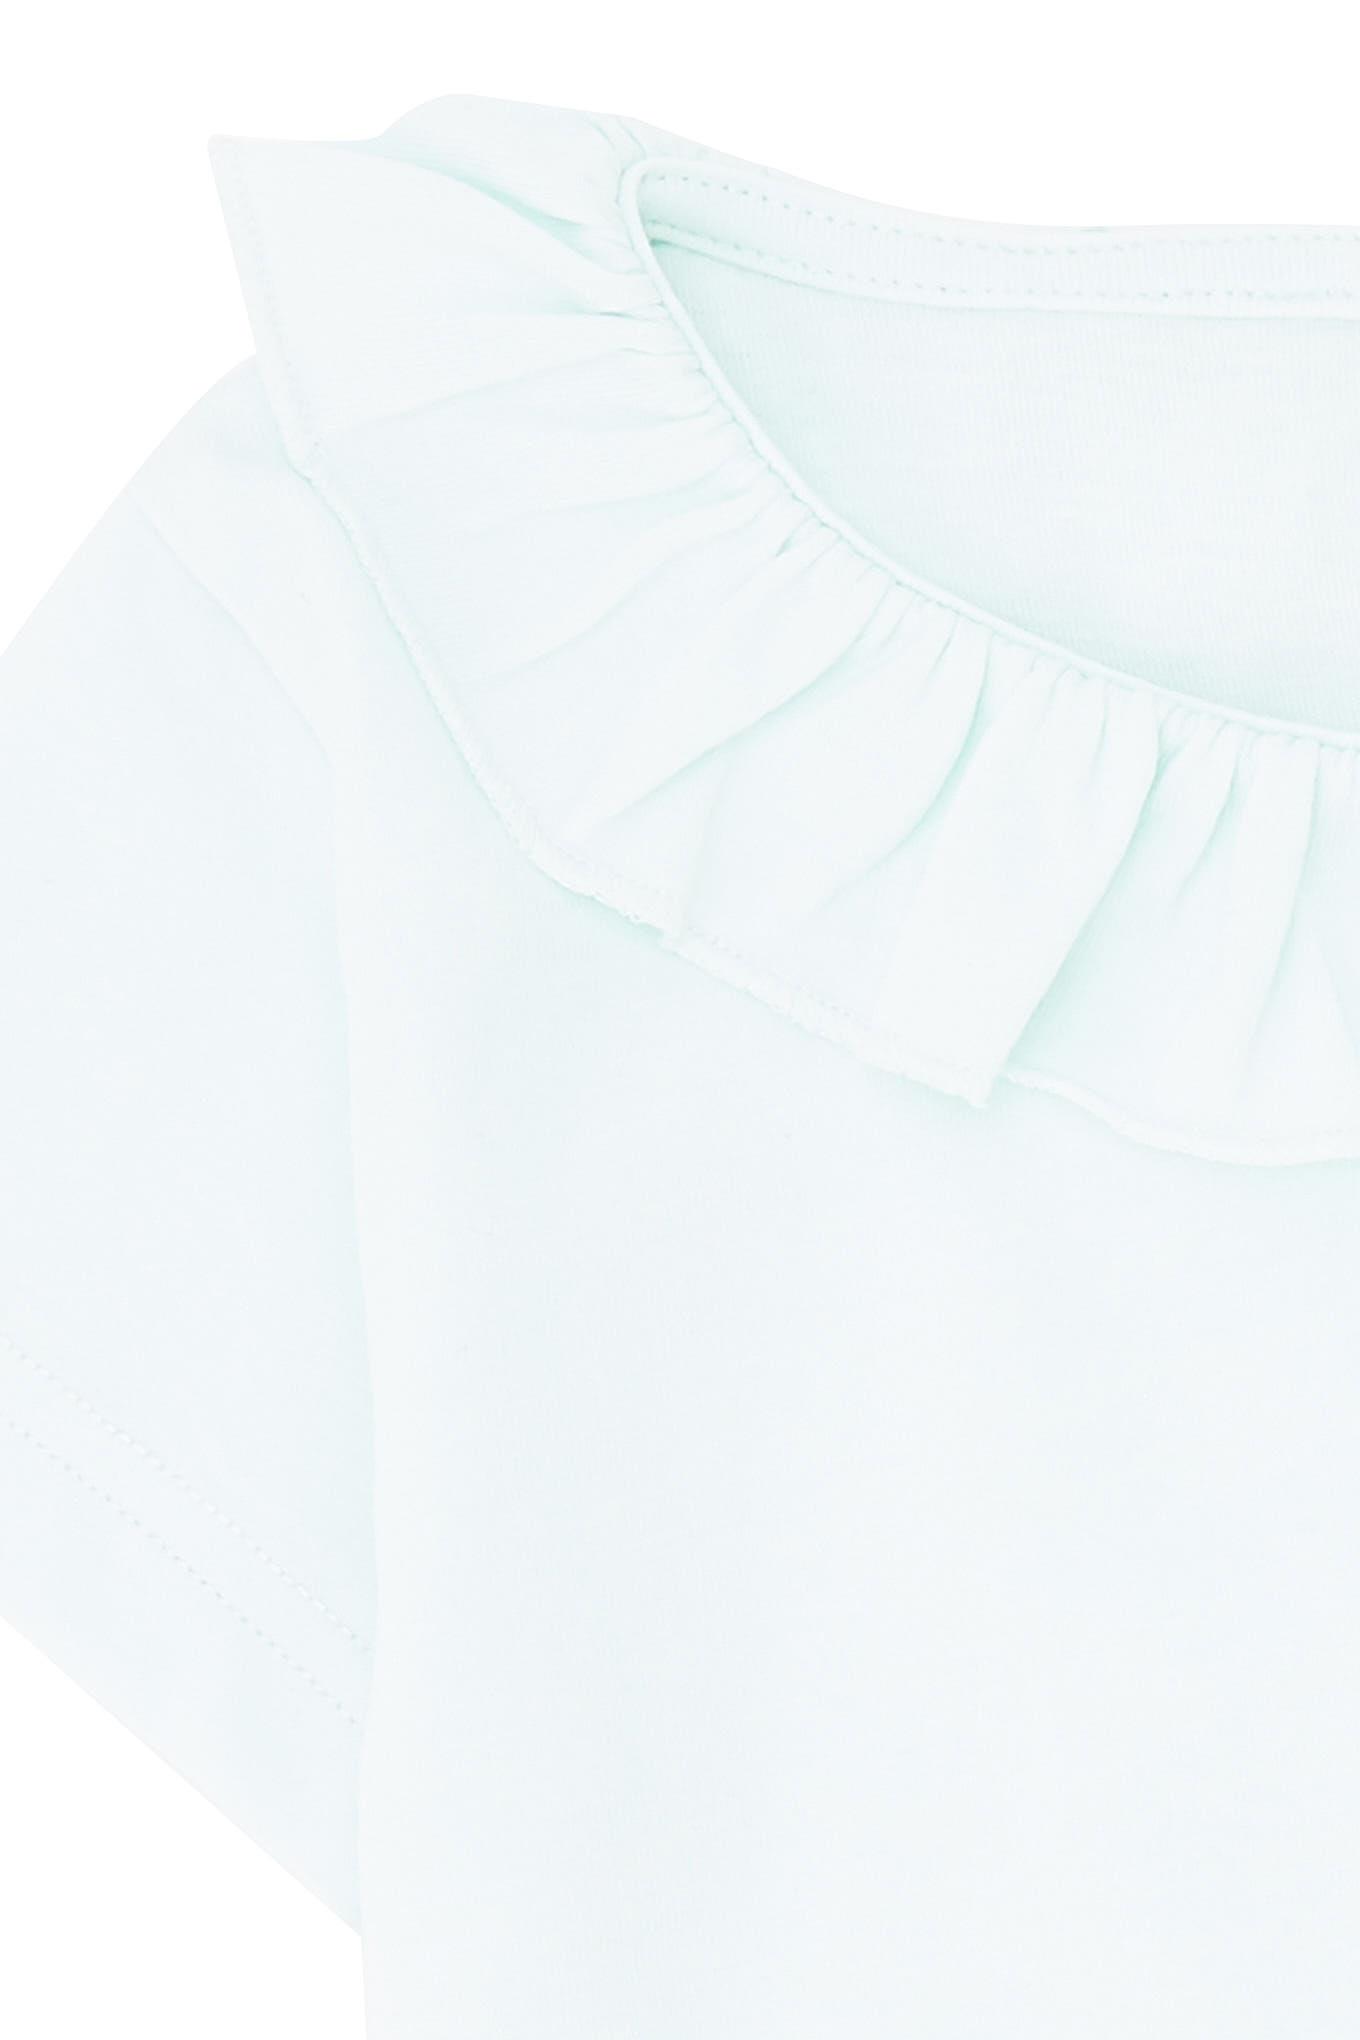 T-Shirt Aqua Sport Rapariga